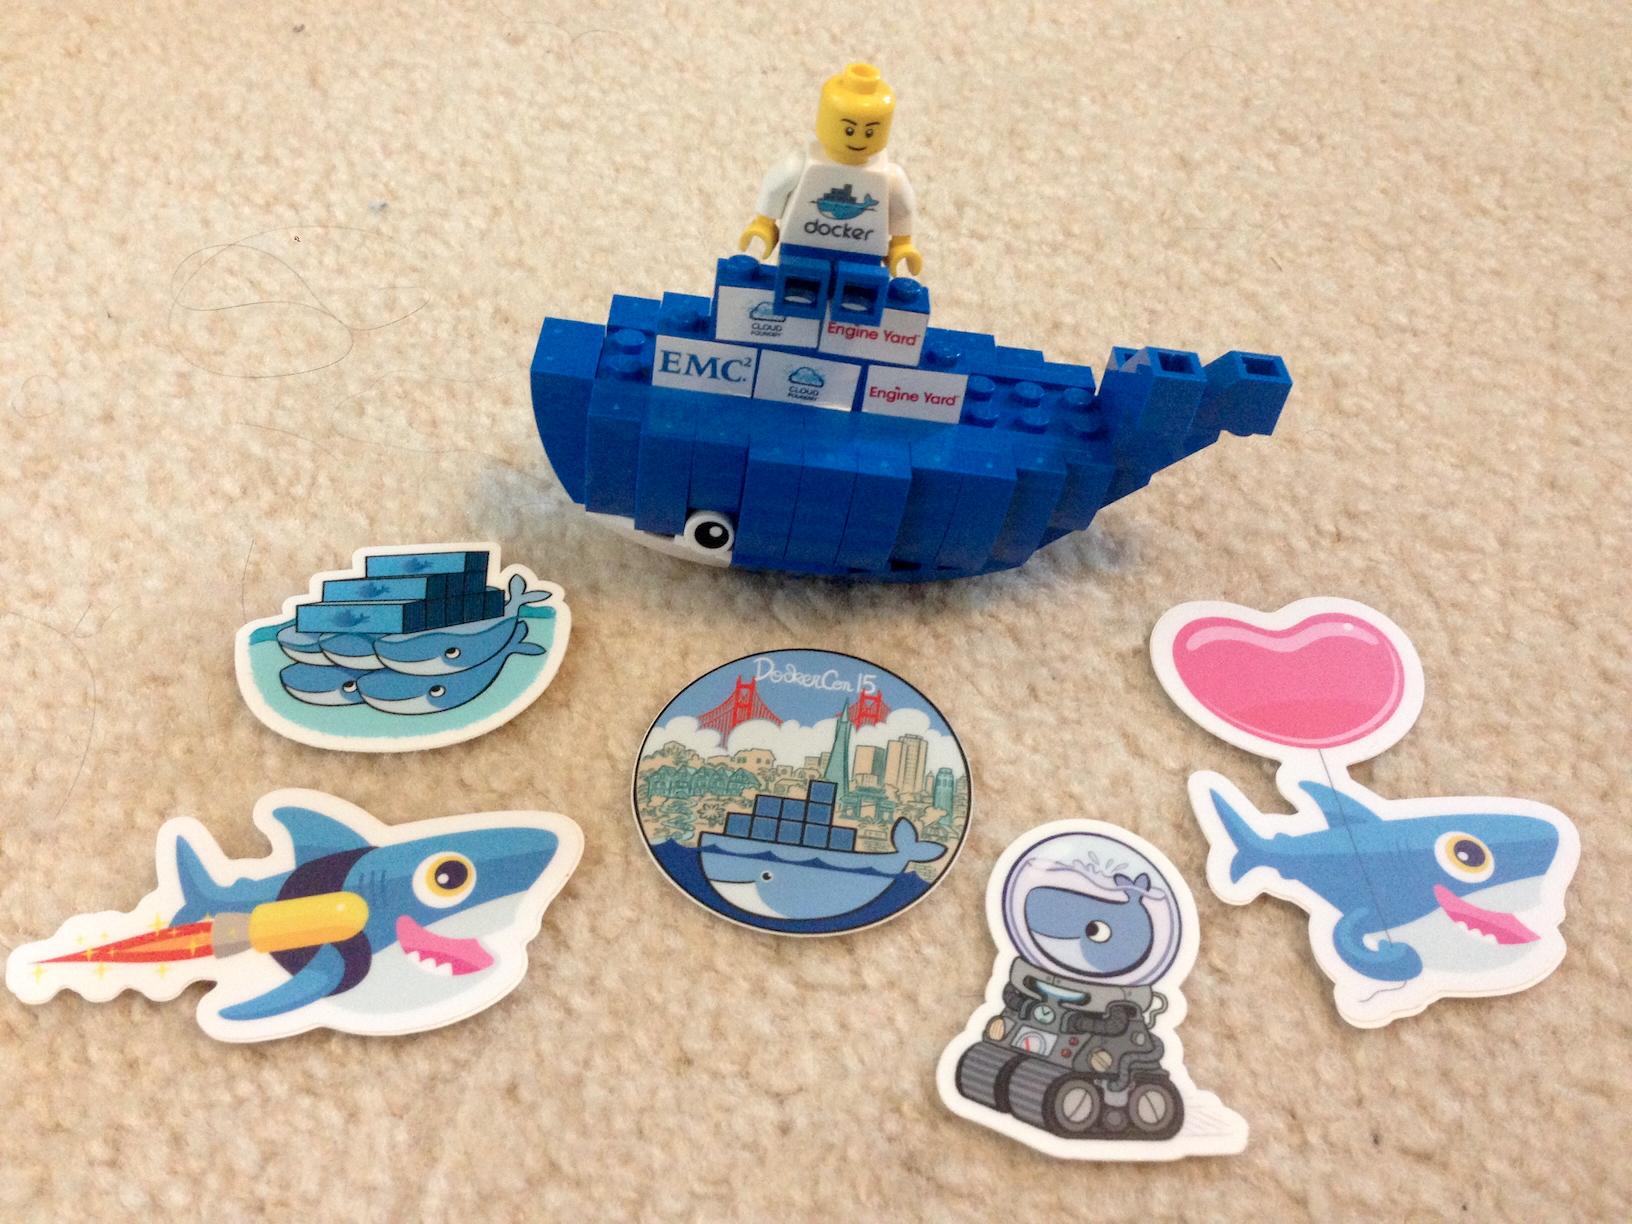 Dockercon 2015 Swag